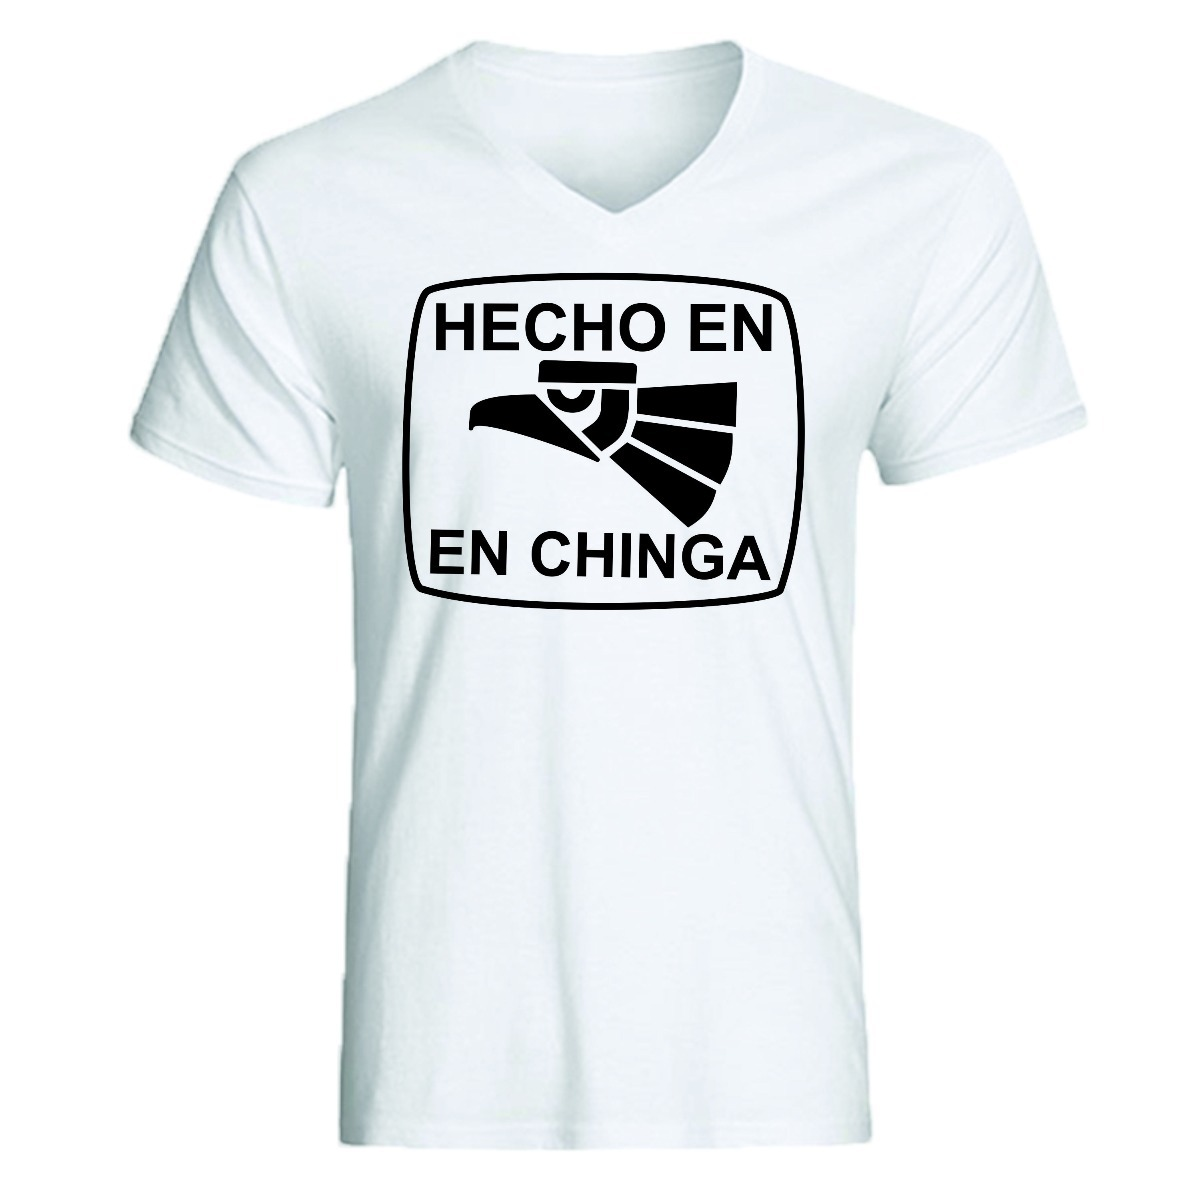 1b932dac55887 Camisetas Estampadas Con Diseños Exclusivos -   250.00 en Mercado Libre